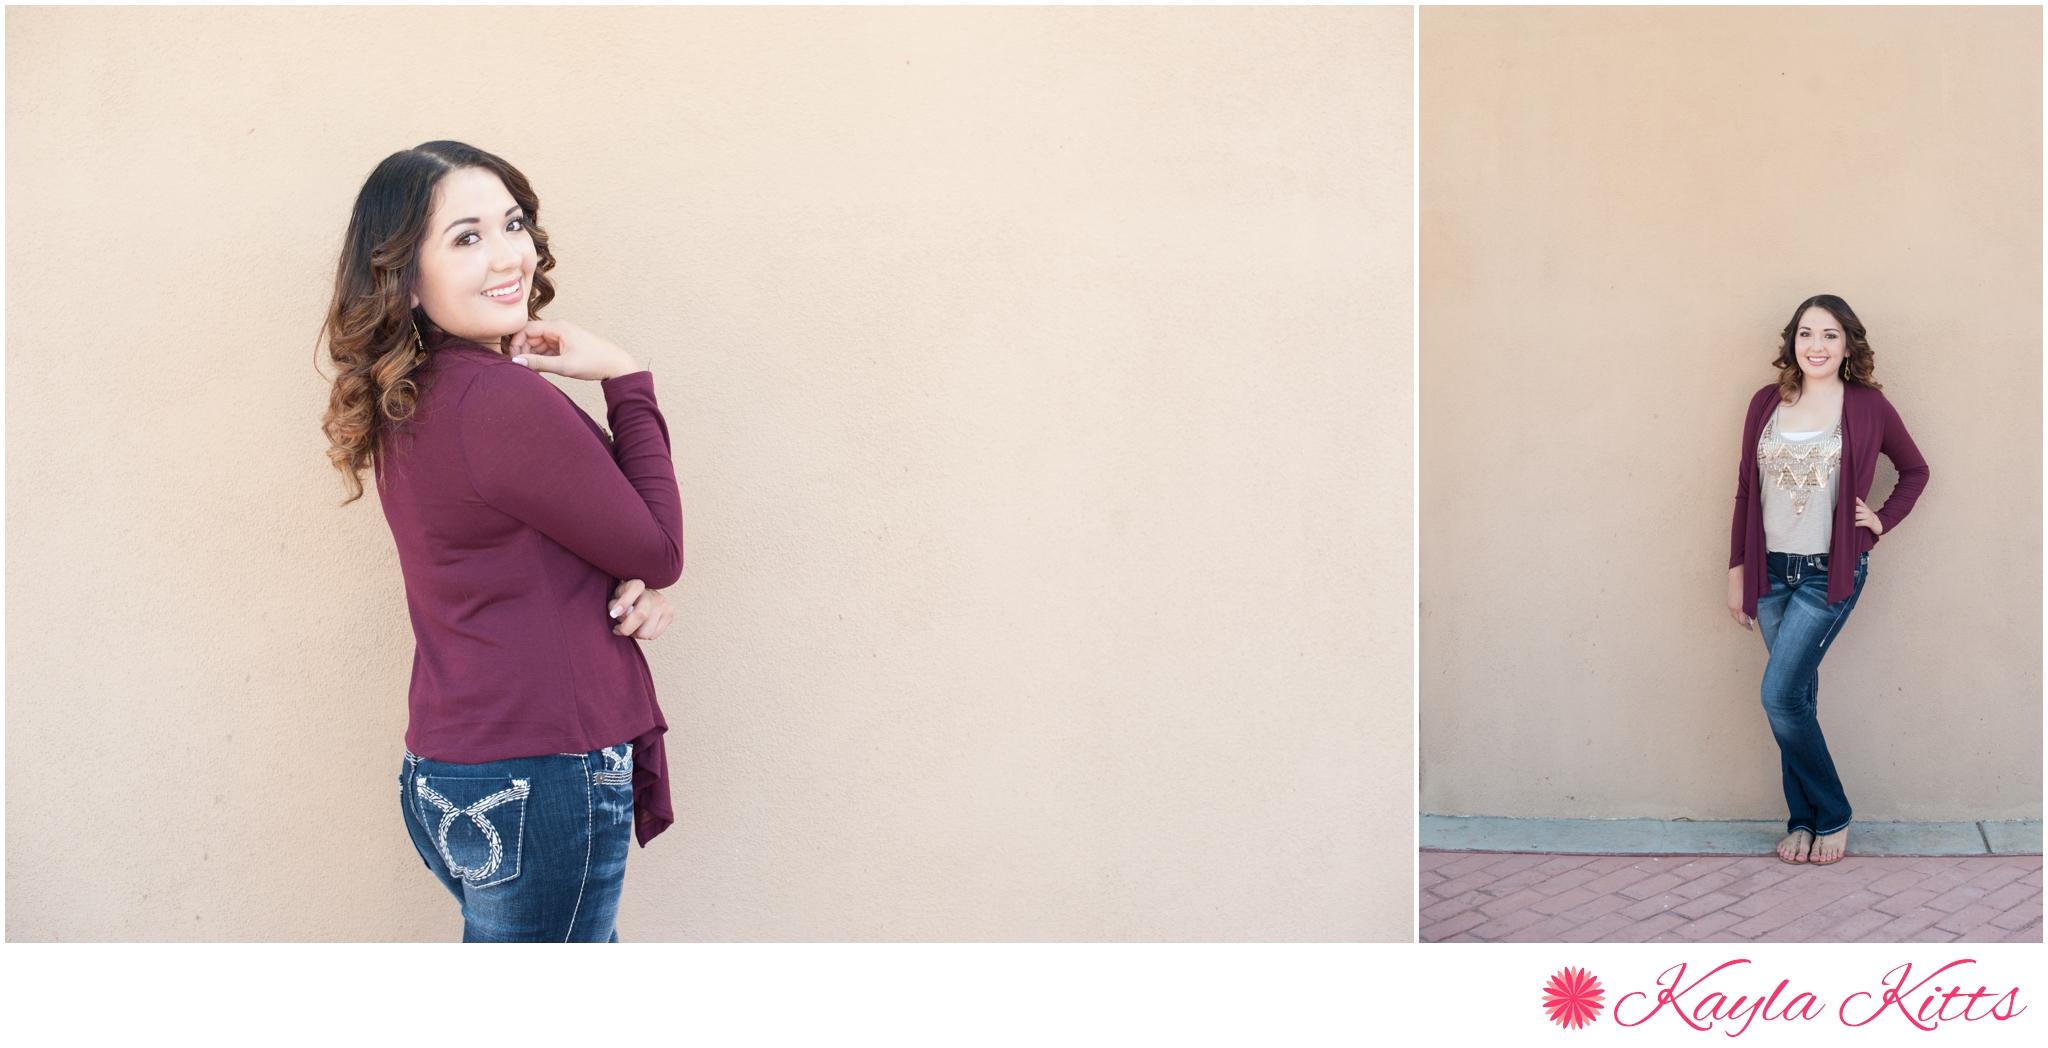 albuquerque photographer, albuquerque photographers, albuquerque senior photographers, fort collins photographers, fort collins senior photographer, denver photographer, denver senior photographers